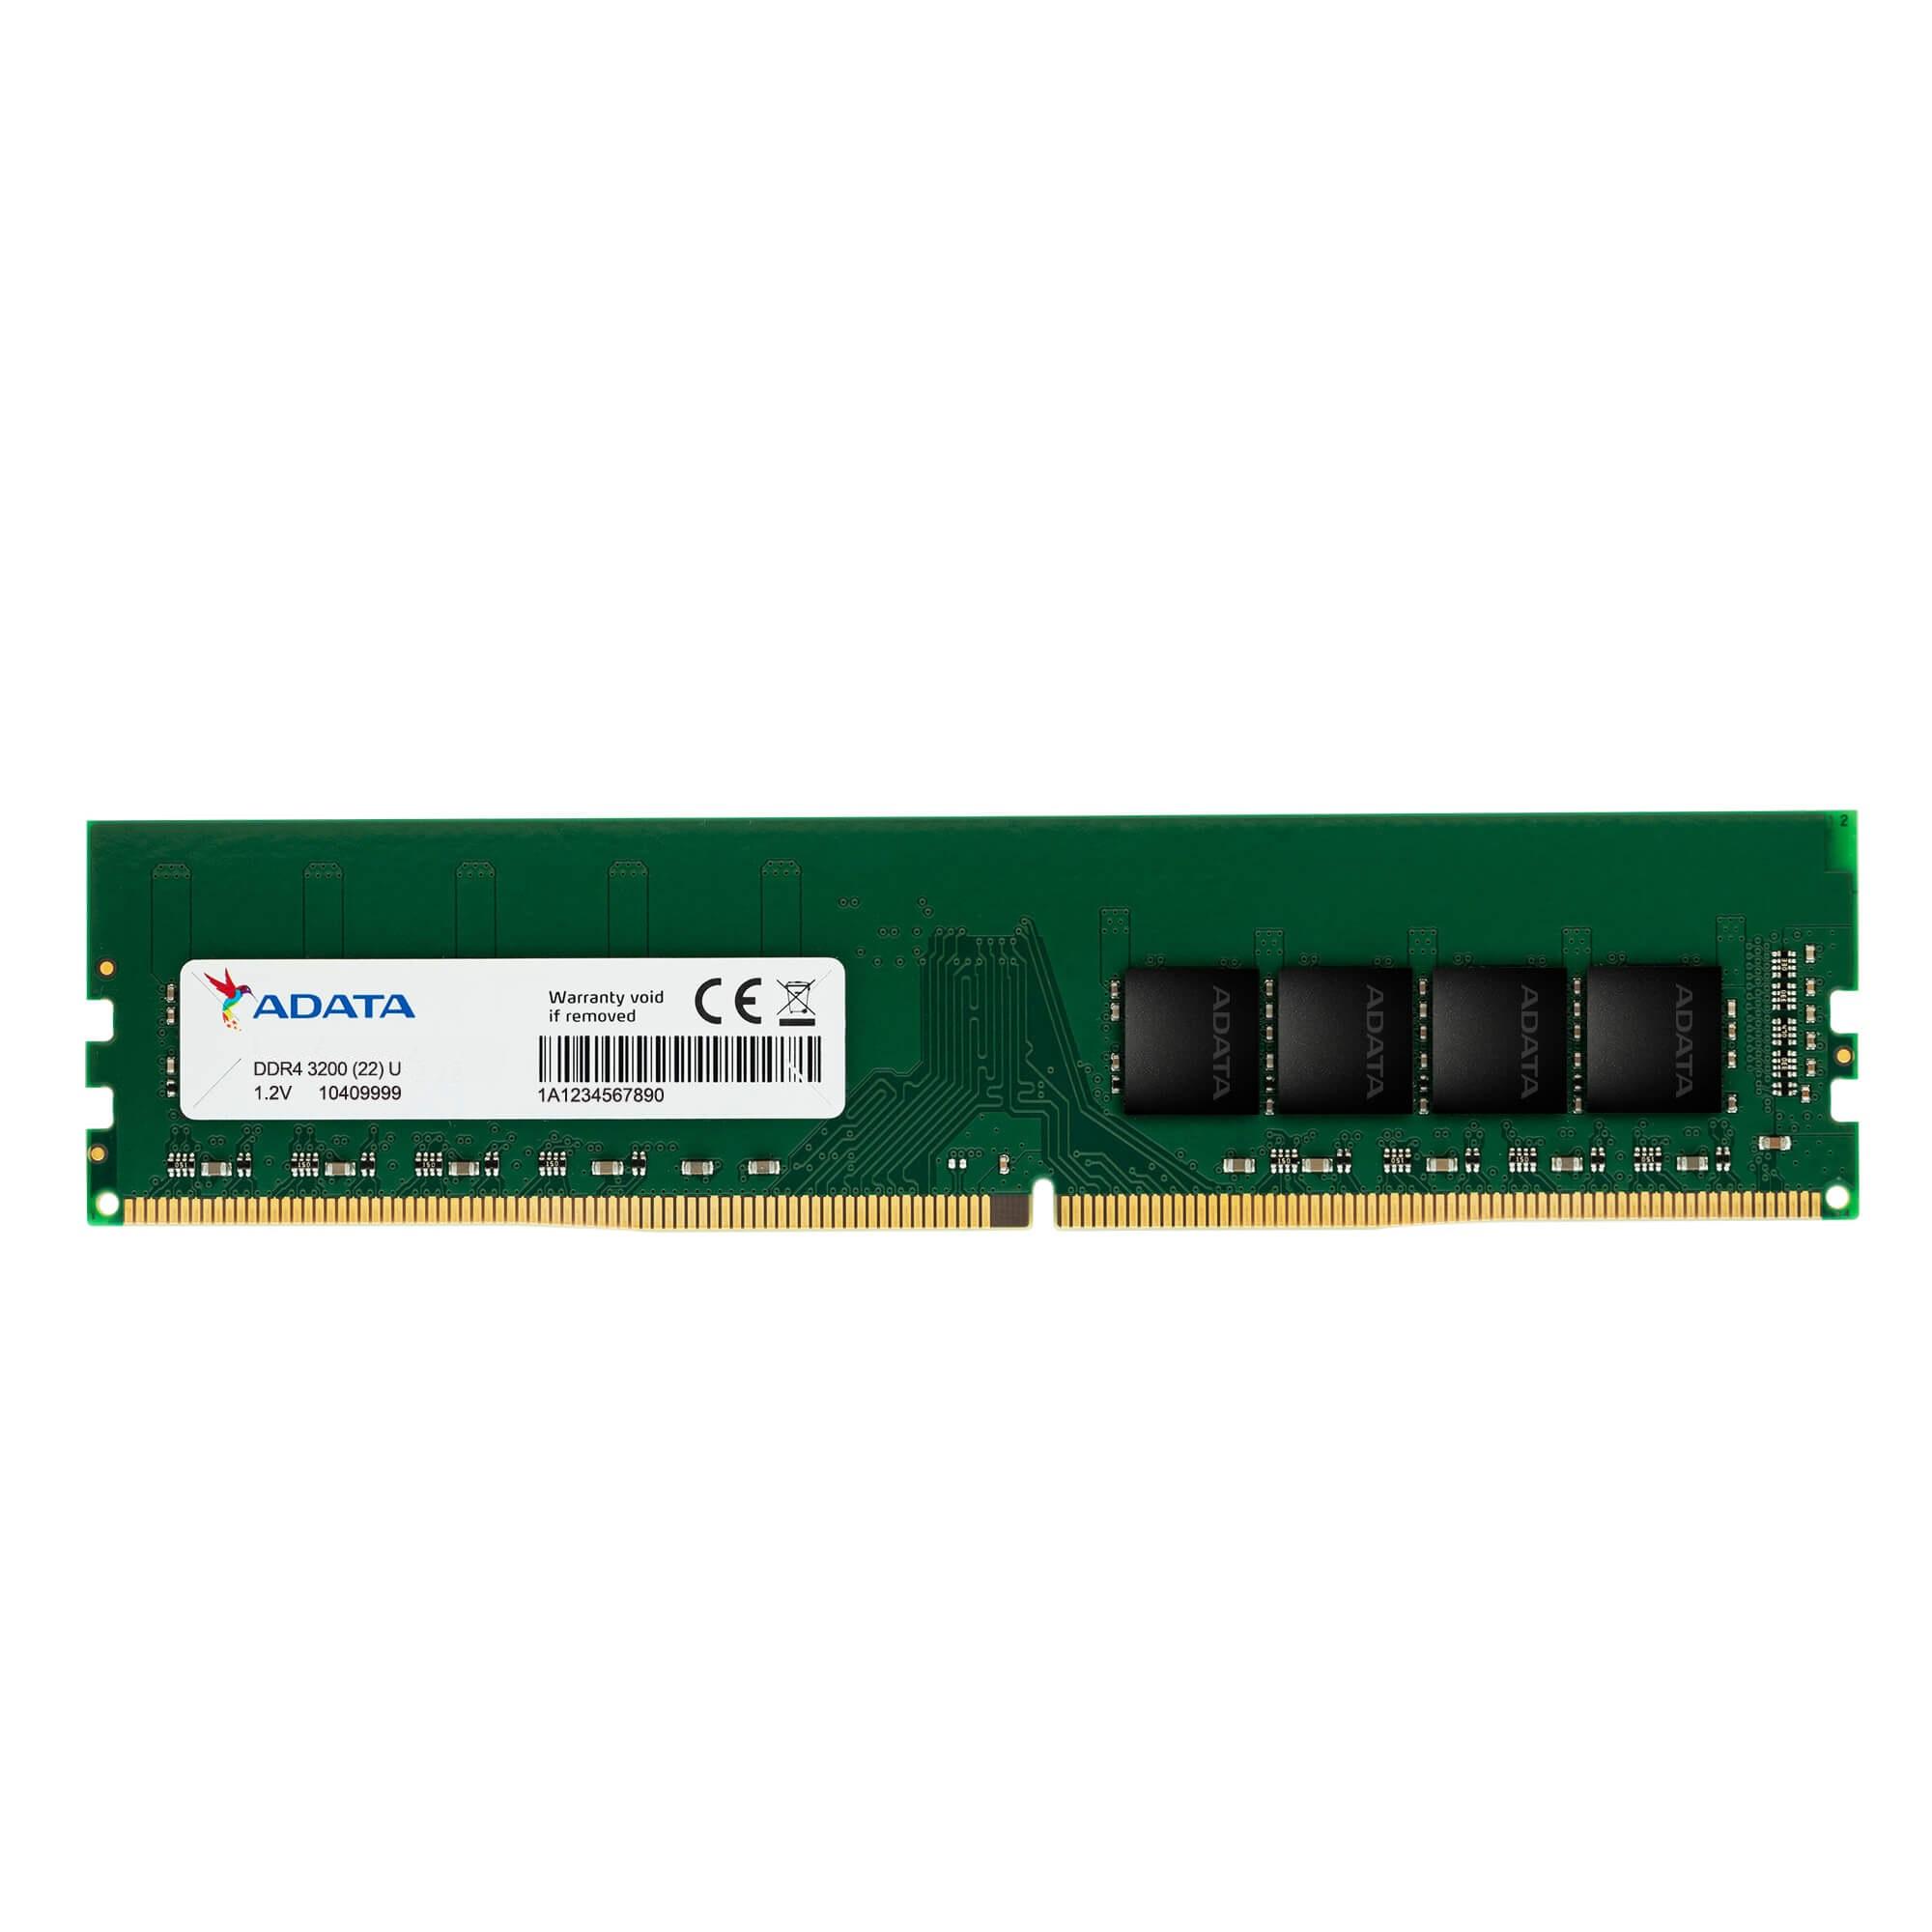 ADATA AD4U320032G22-SGN memory module 32 GB 1 x 32 GB DDR4 3200 MHz